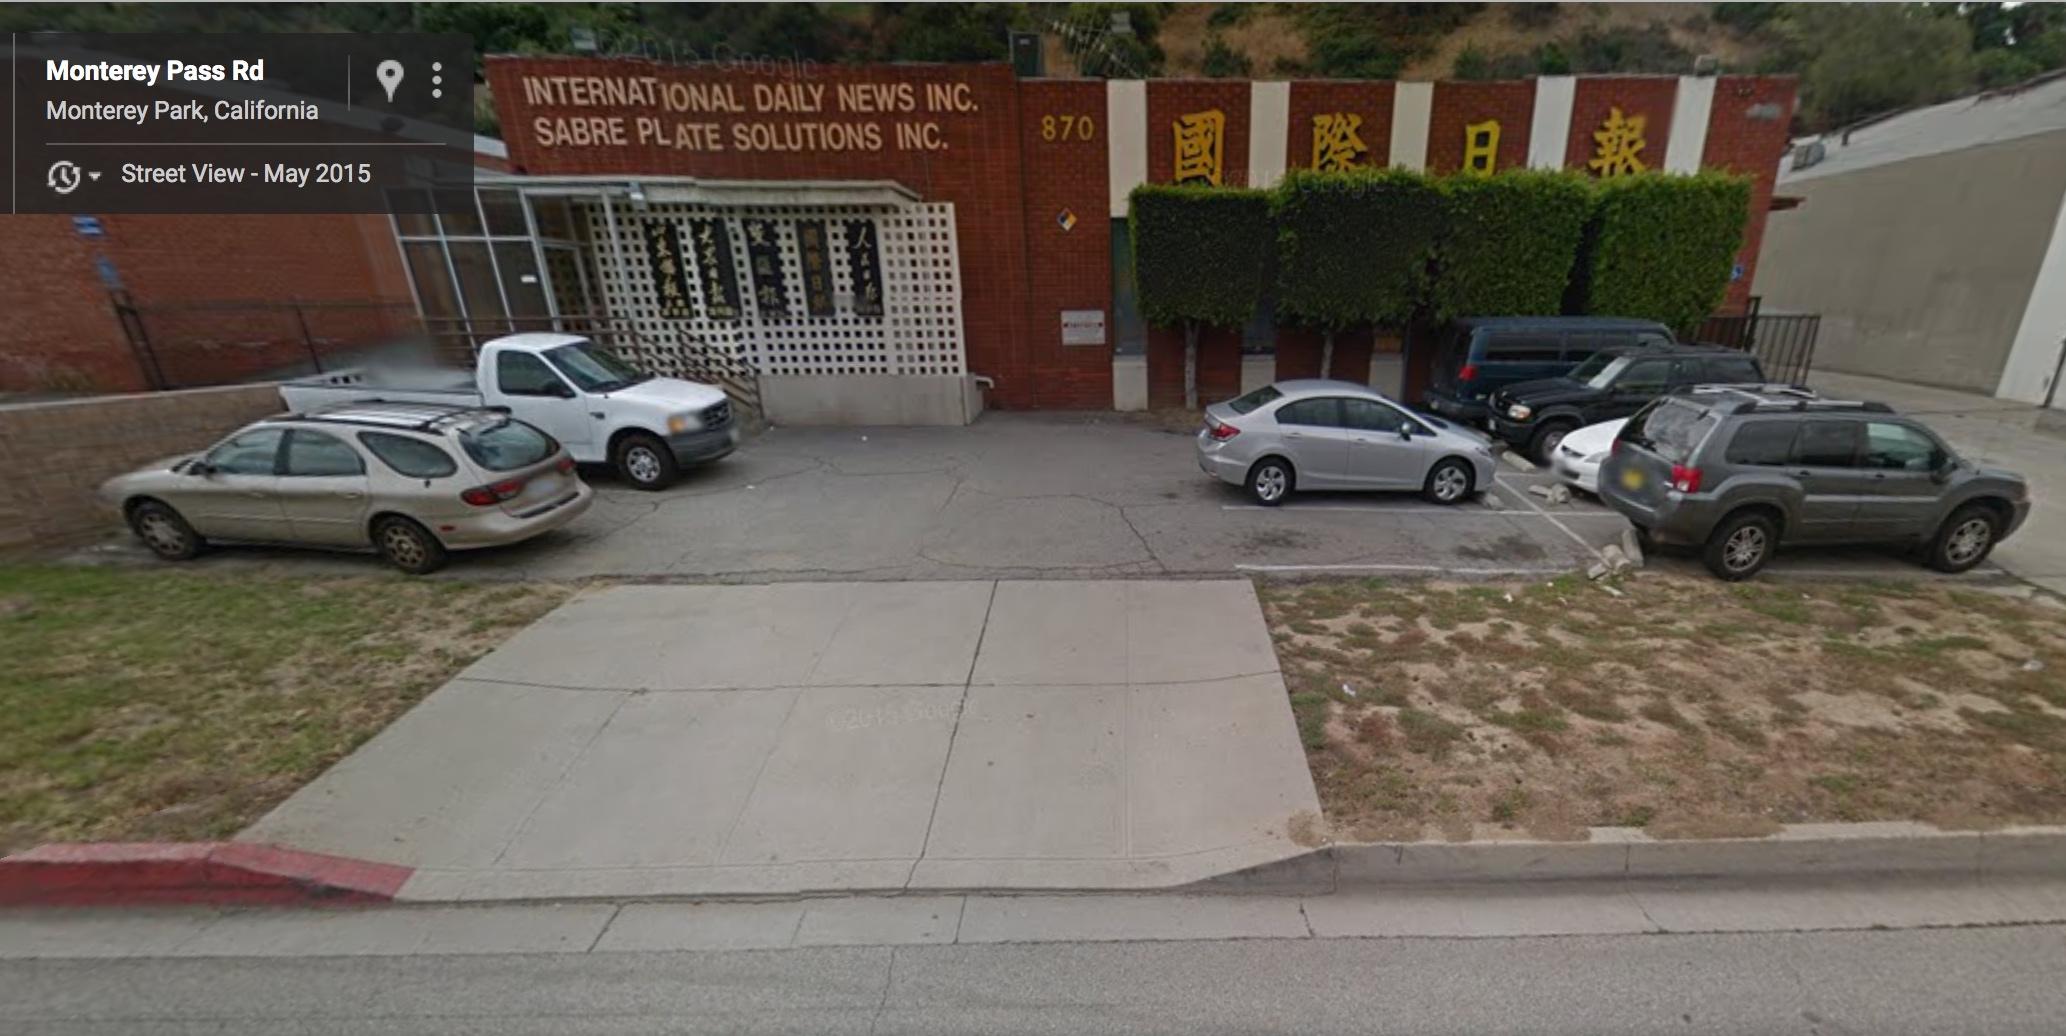 谷歌街景_国际日报